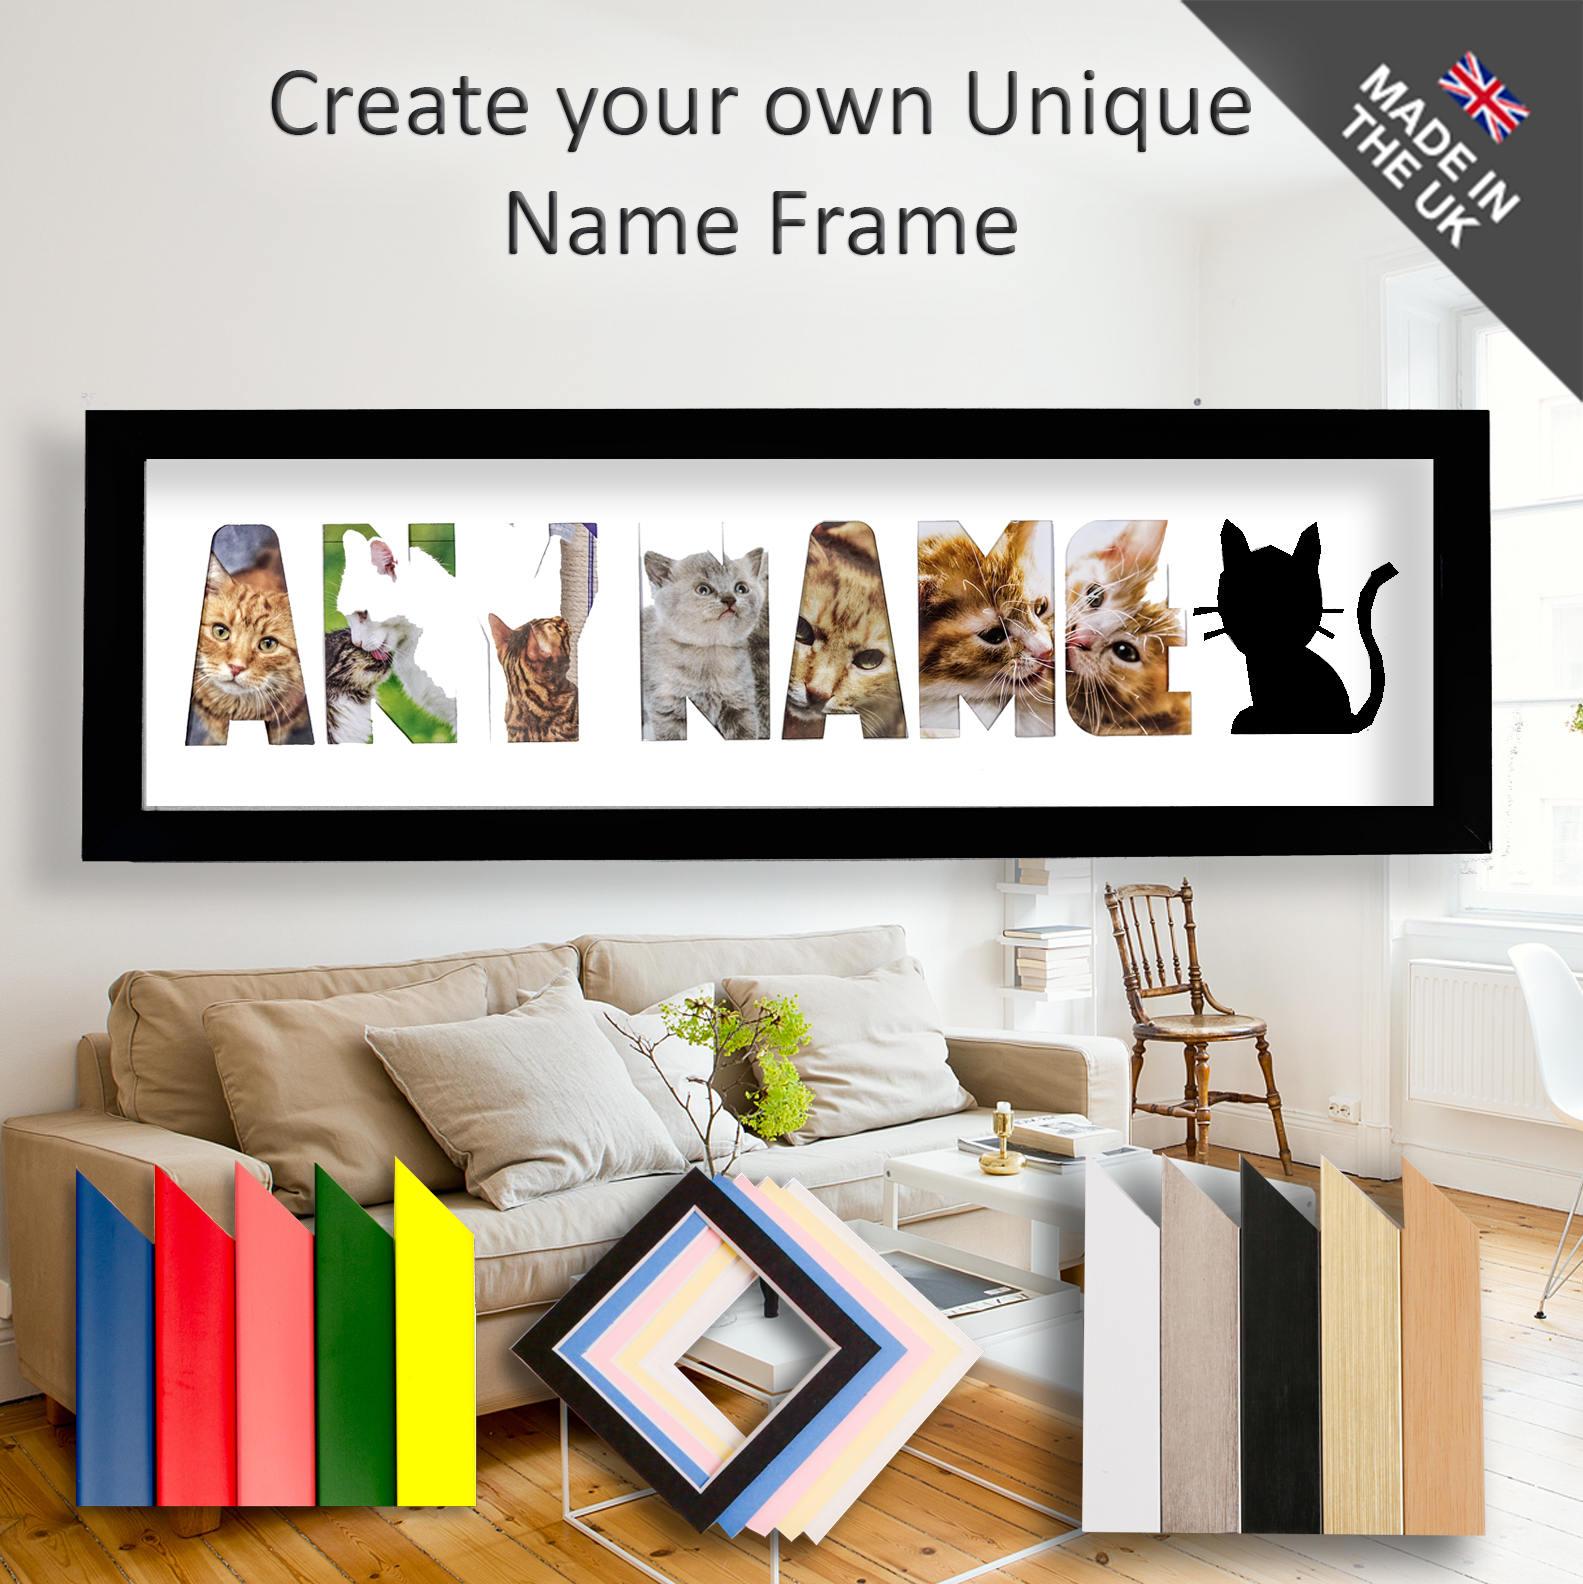 Katze Rahmen jeder Name Bilderrahmen einzigartige